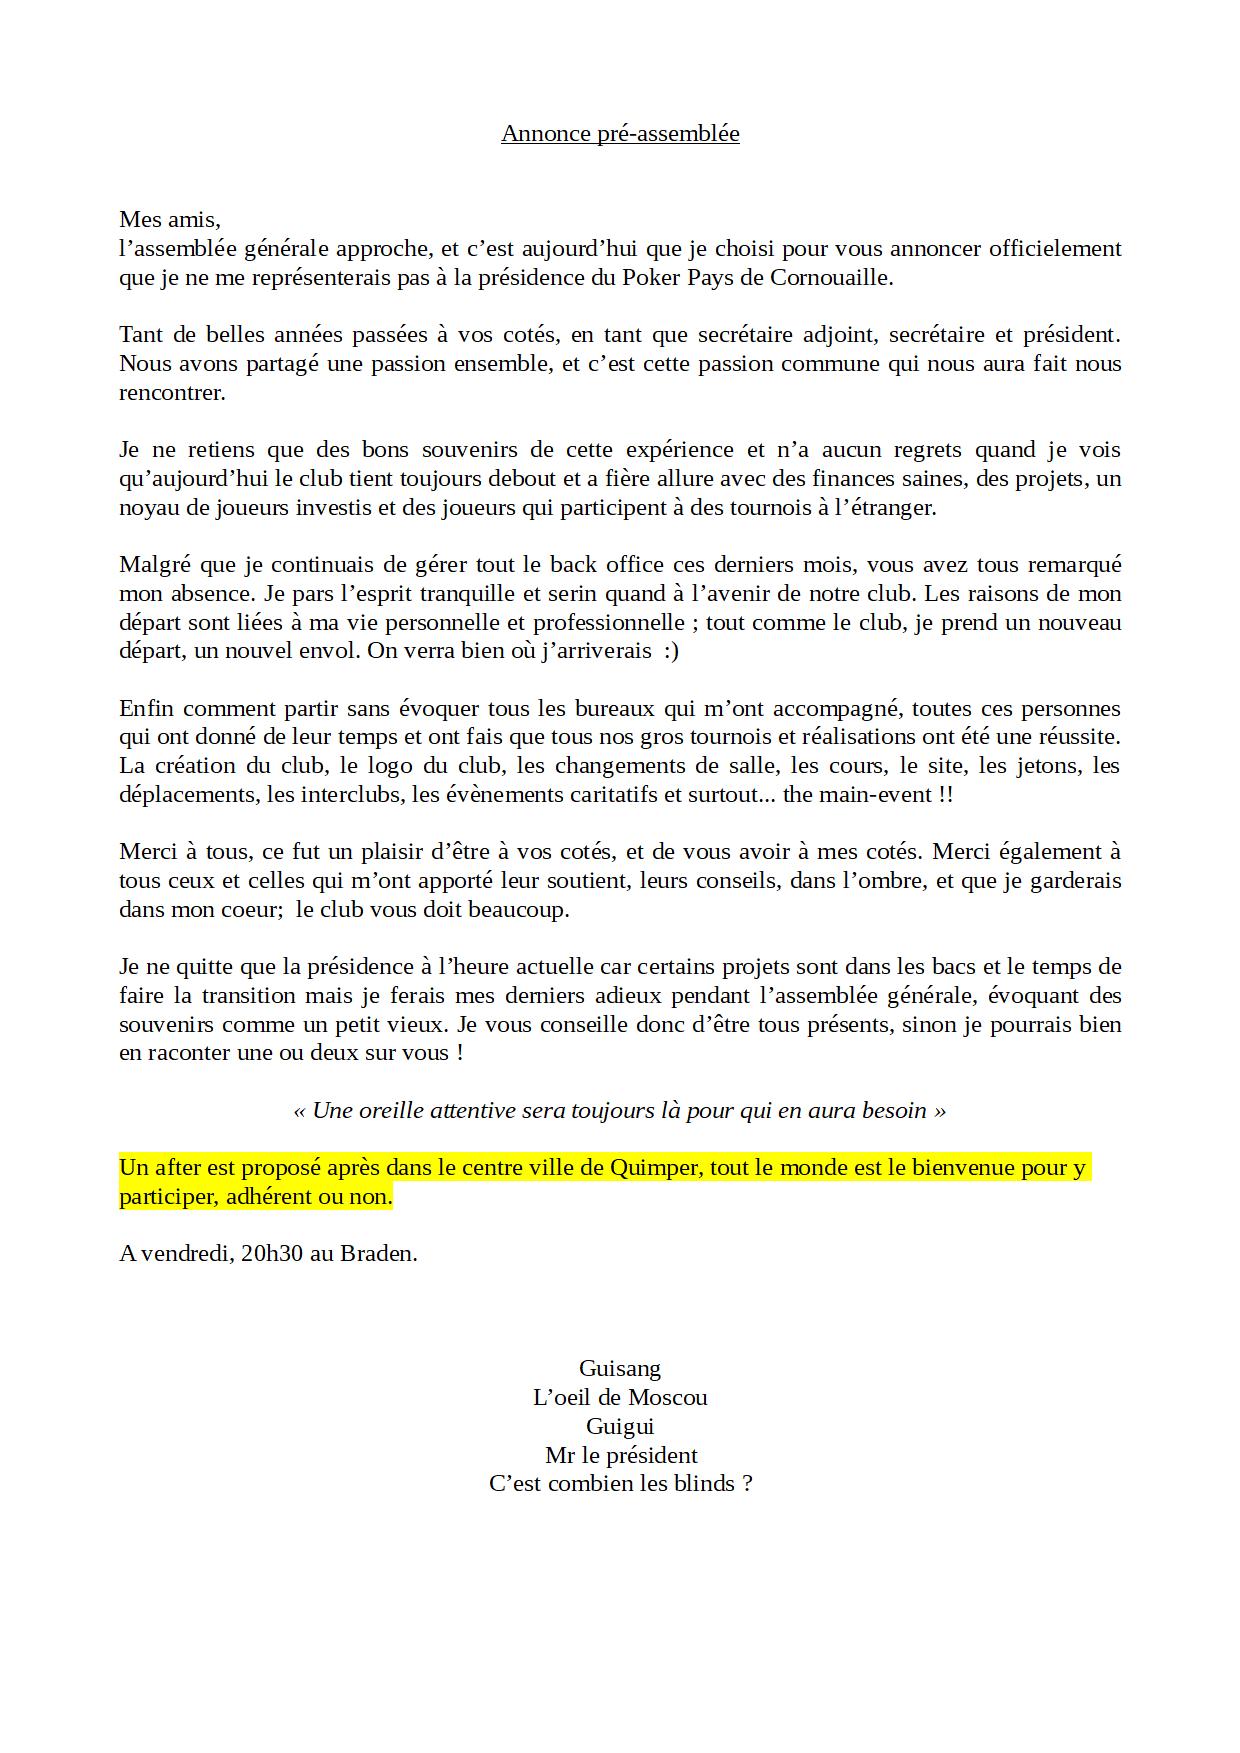 annonce de Guillaume Péron, Guisang président du club de poker